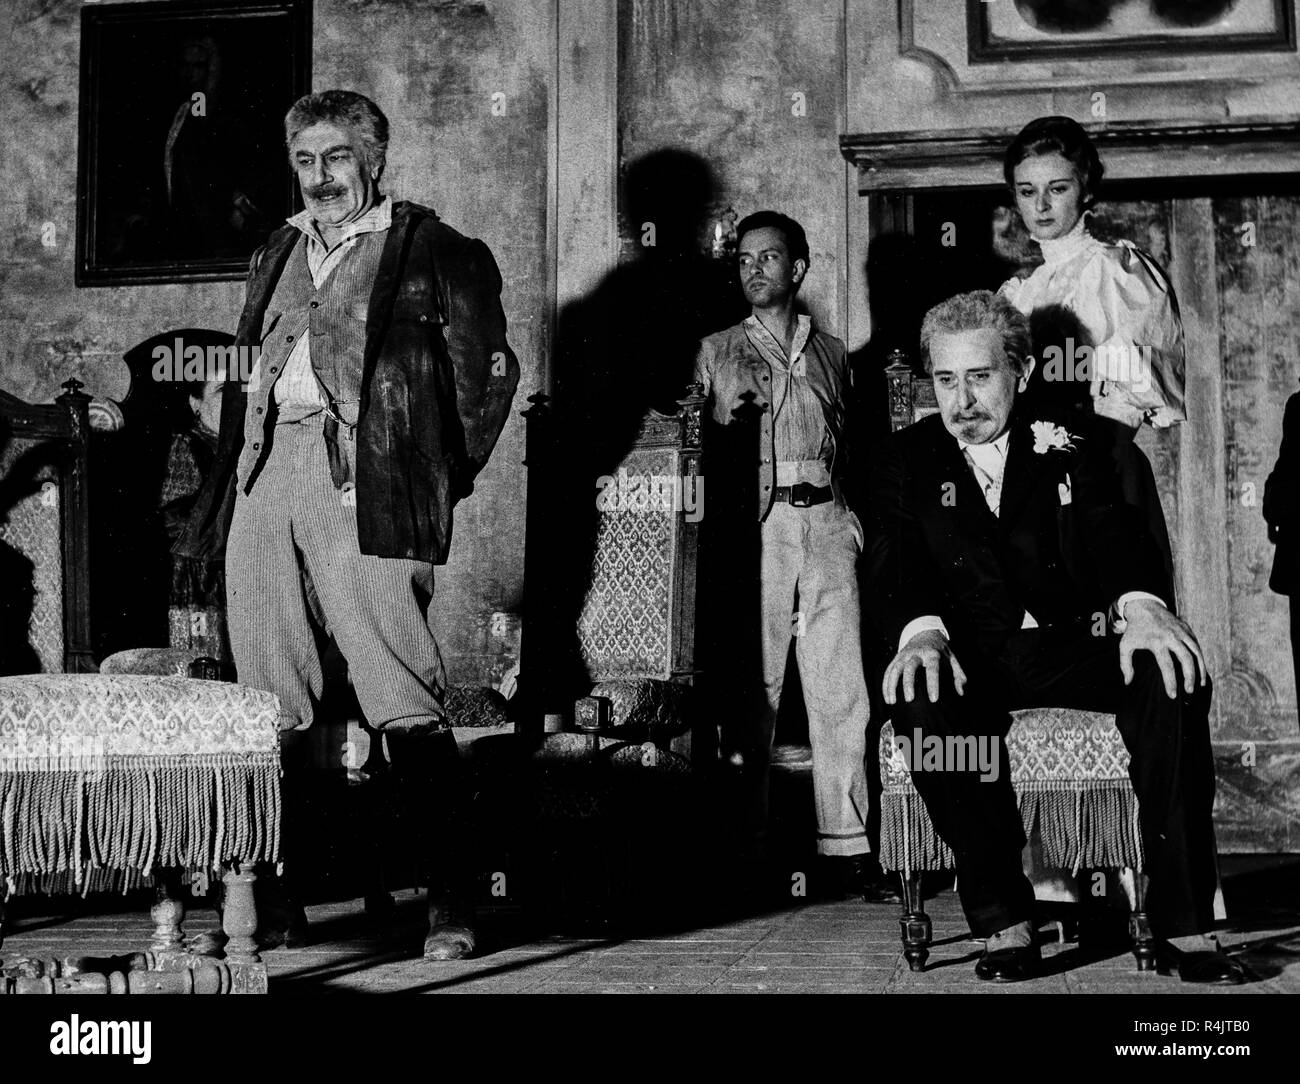 salvo randone, franco graziosi, valentina fortunato, dal tuo al mio, 1956 - Stock Image